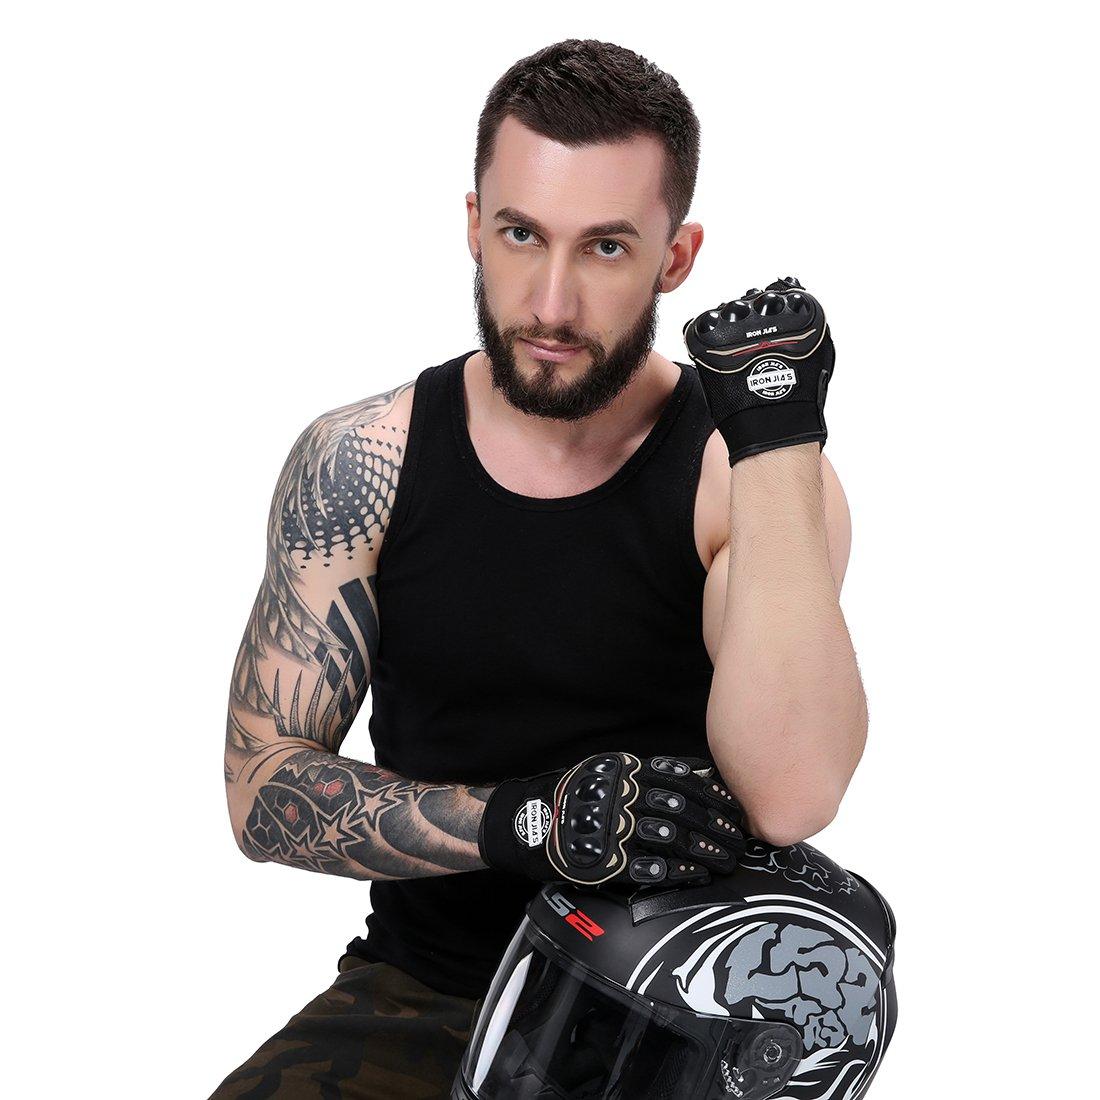 Guanti Moto Off Road professionali che corrono i guanti da moto guanti goccia resistenza touch screen Guanti guantes luvas XL, black